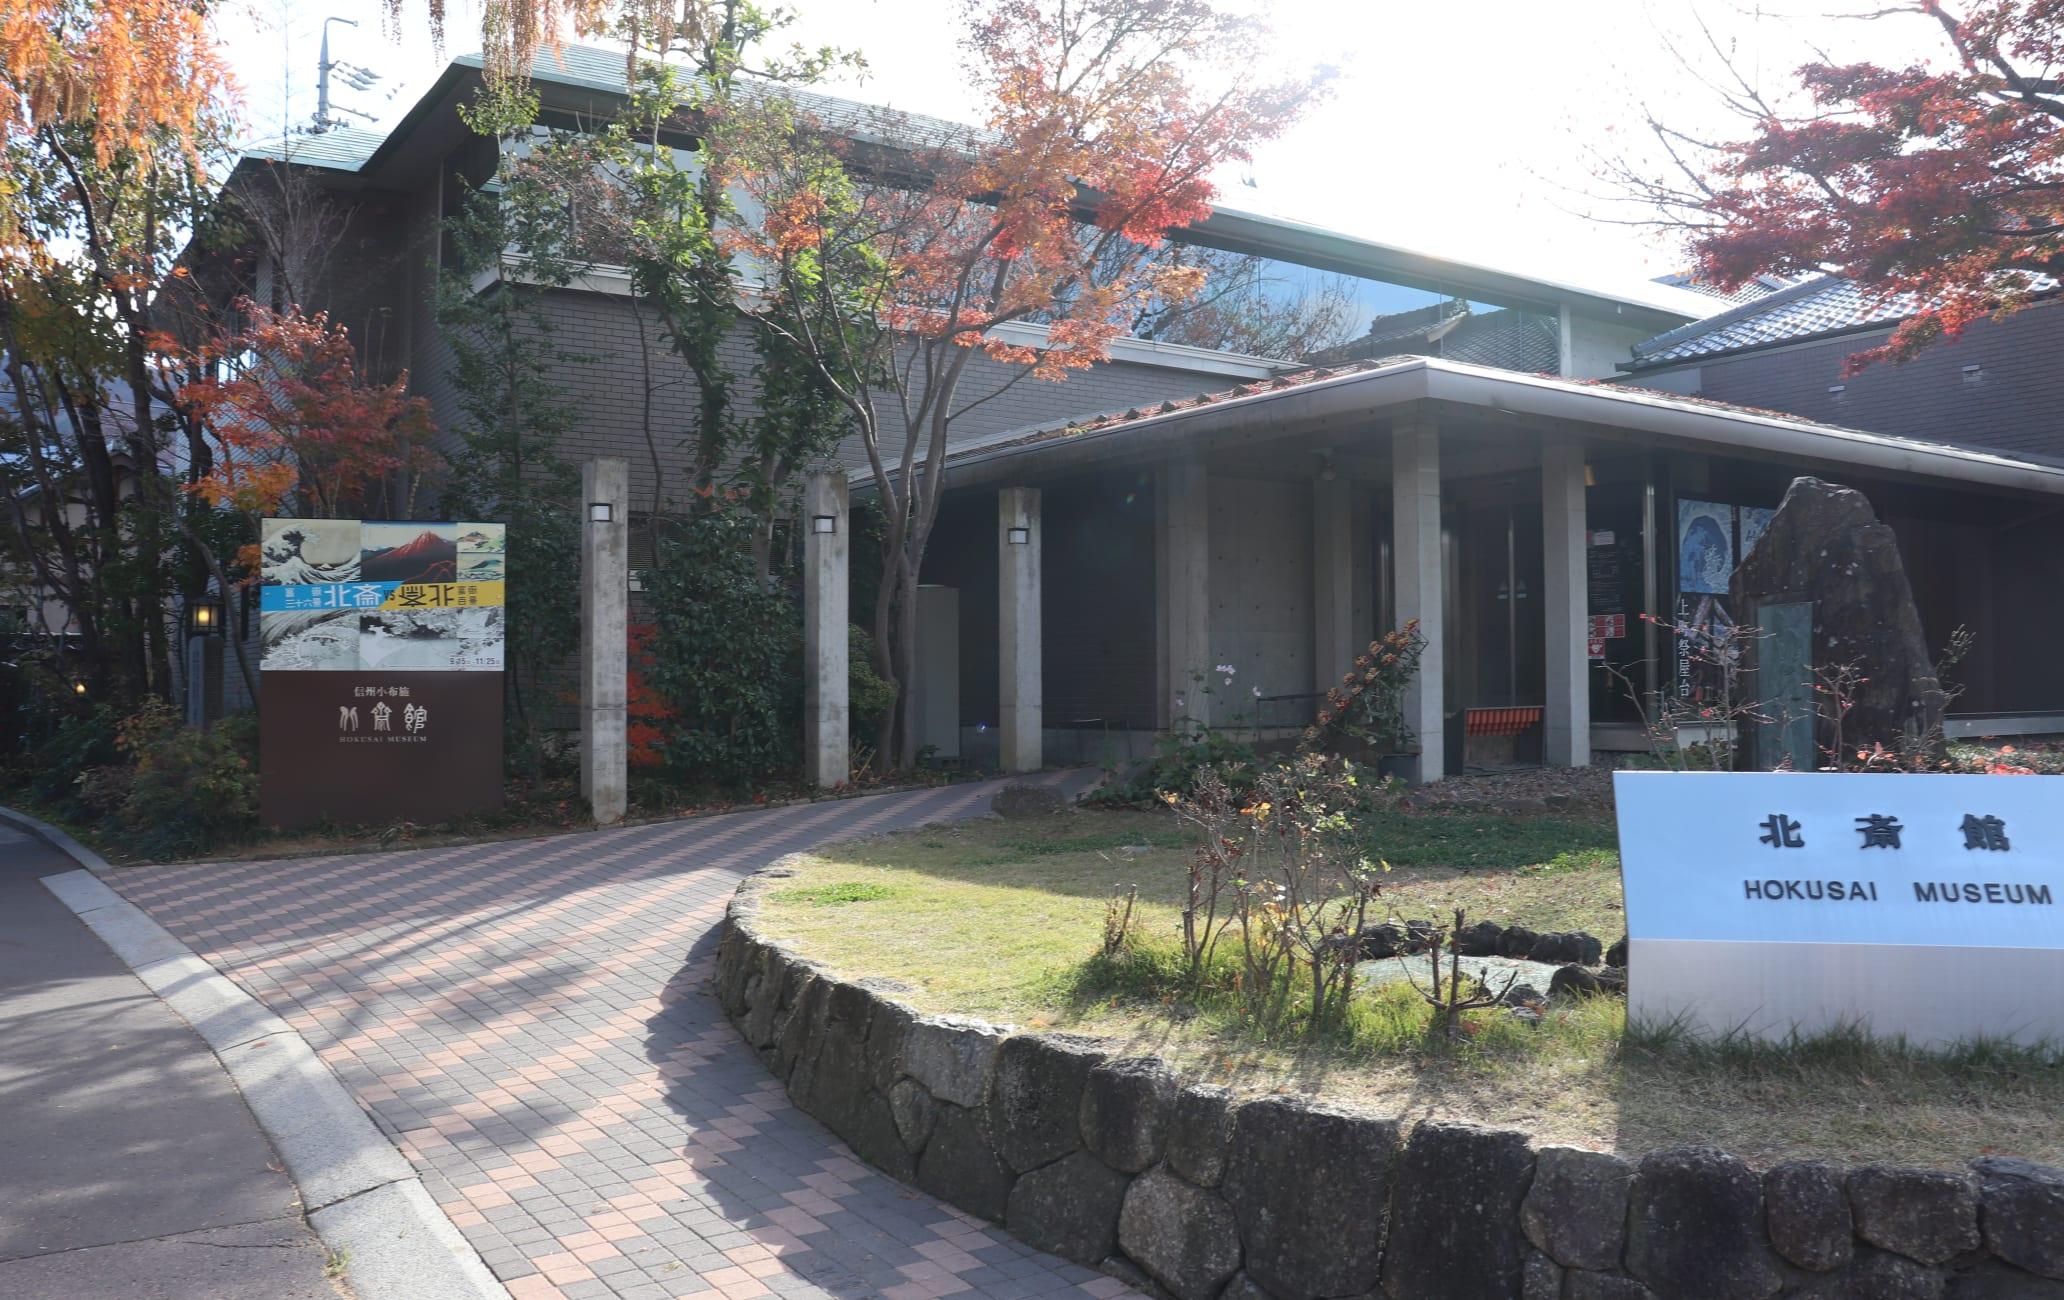 Hokusaikan Museum